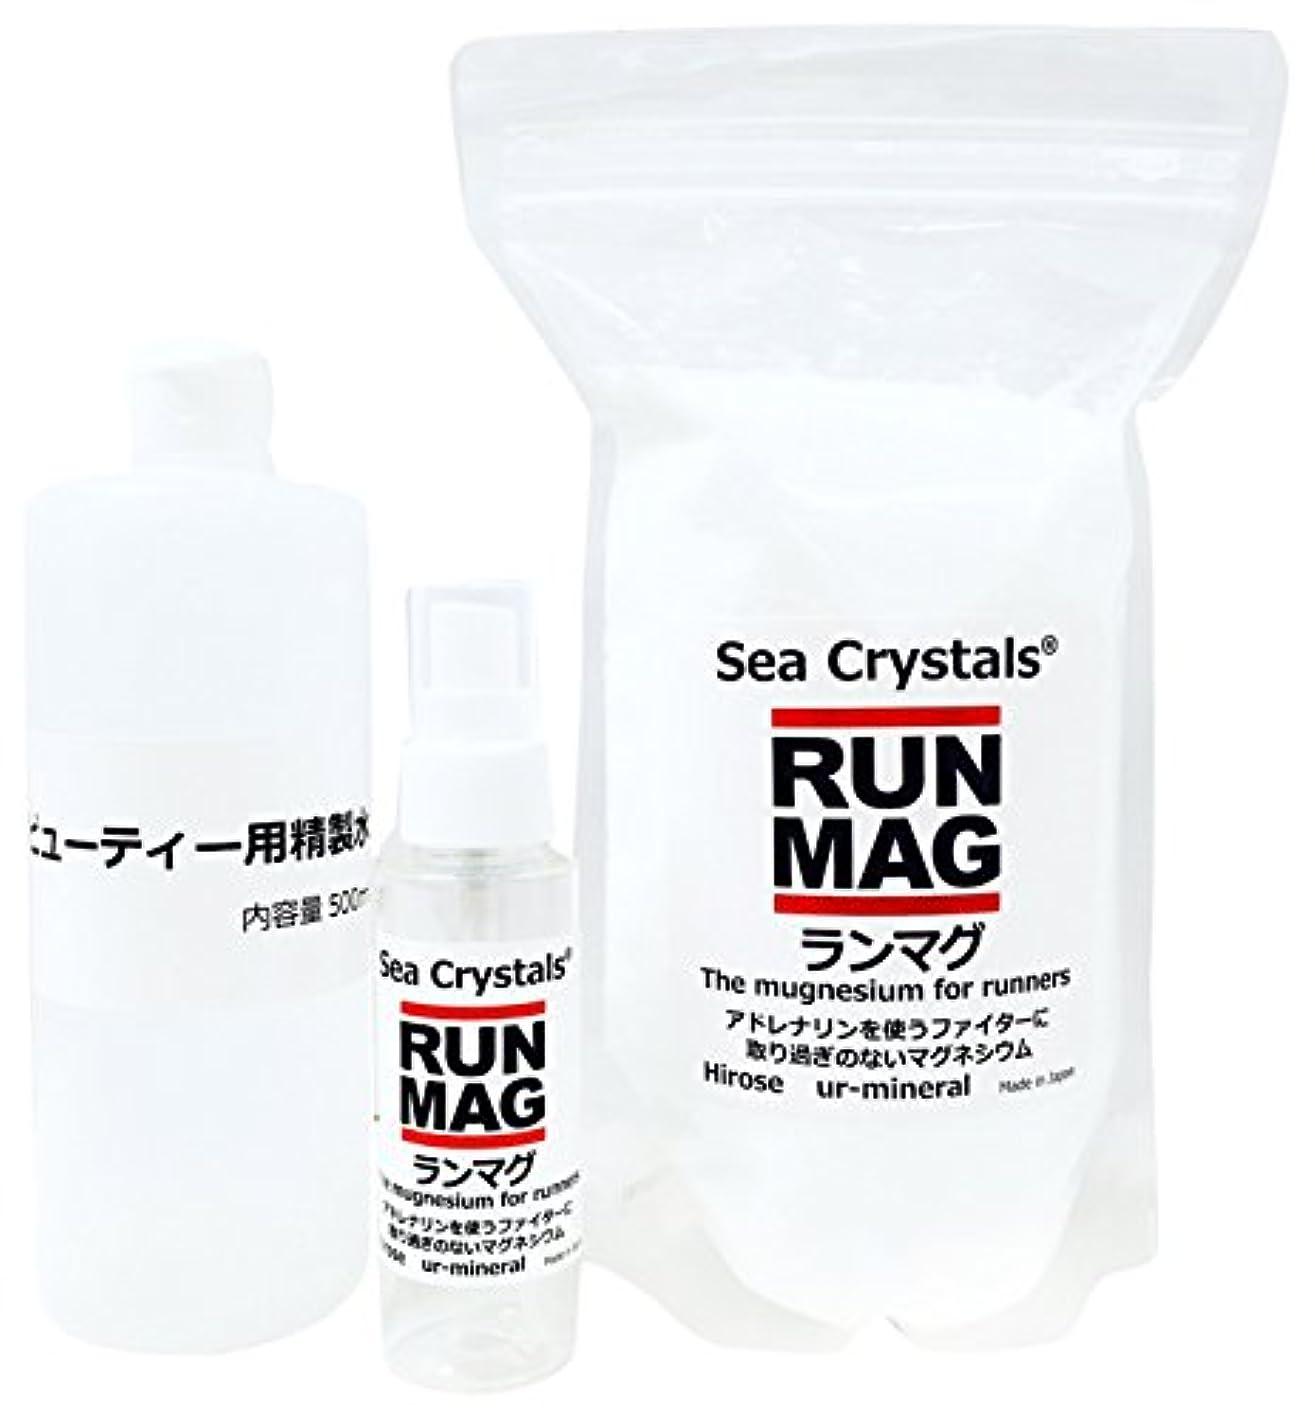 ランマグ?マグネシウムオイル 500g 化粧品登録 日本製 1日マグネシウム360mg使用  精製水付き